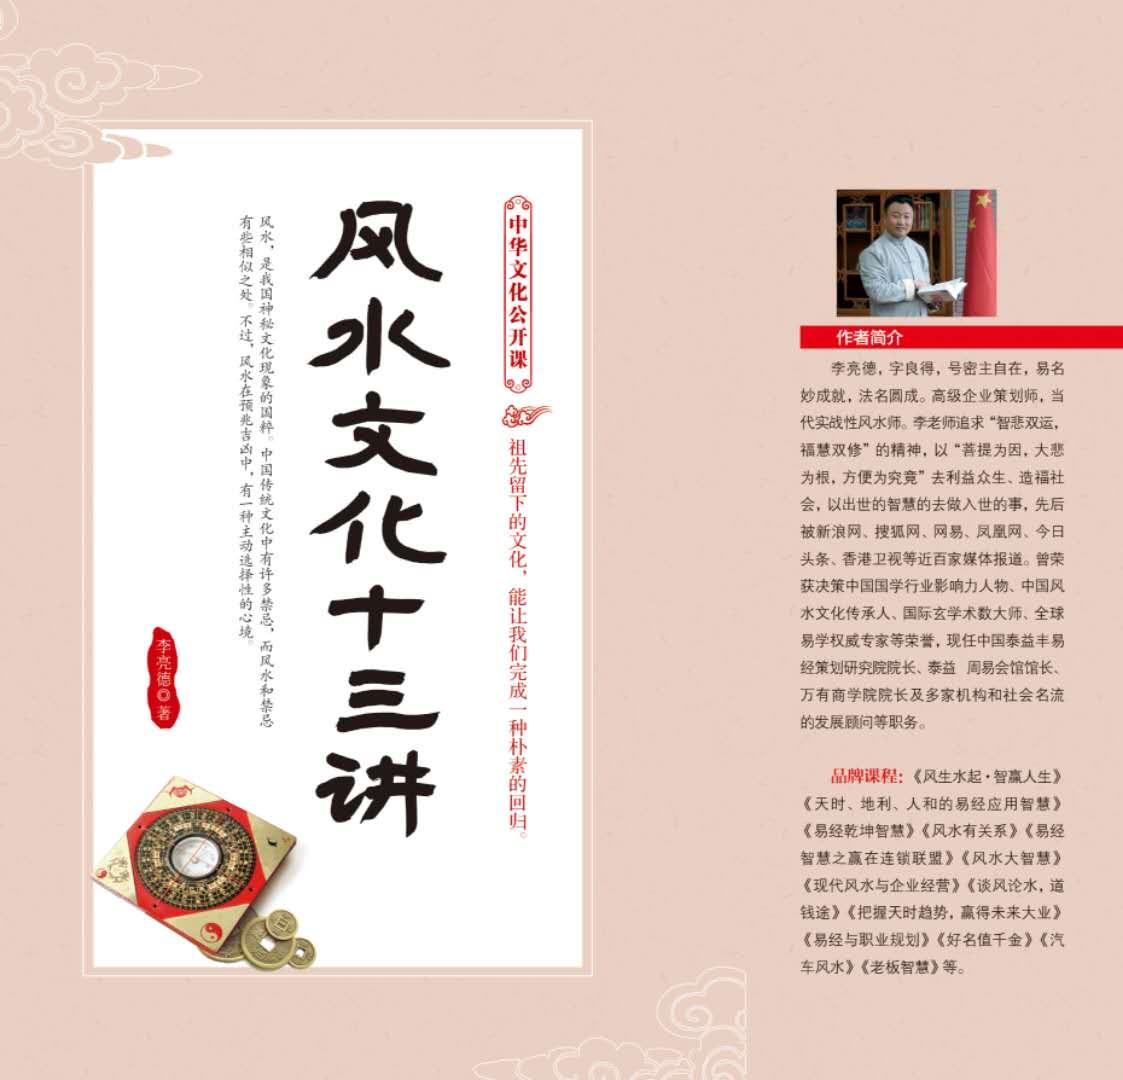 易学家李亮德风水学书籍著作《中华文化大观:风水文化十三讲》